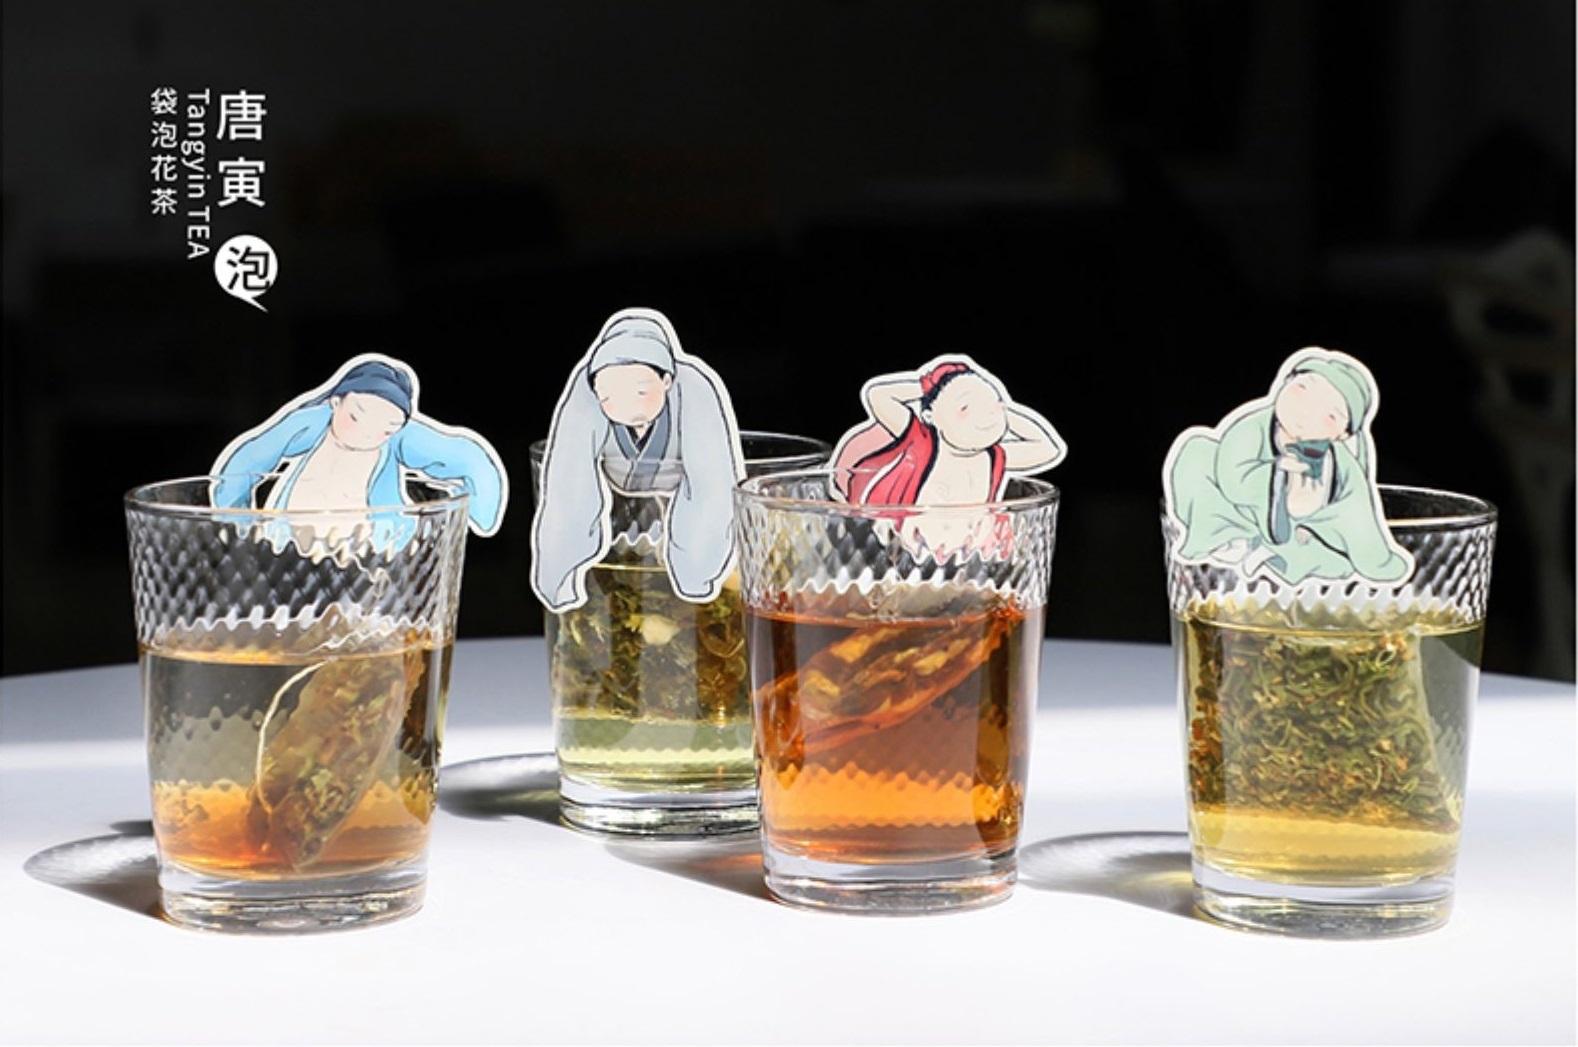 蘇州博物館的文創產品—唐寅泡茶包系列。